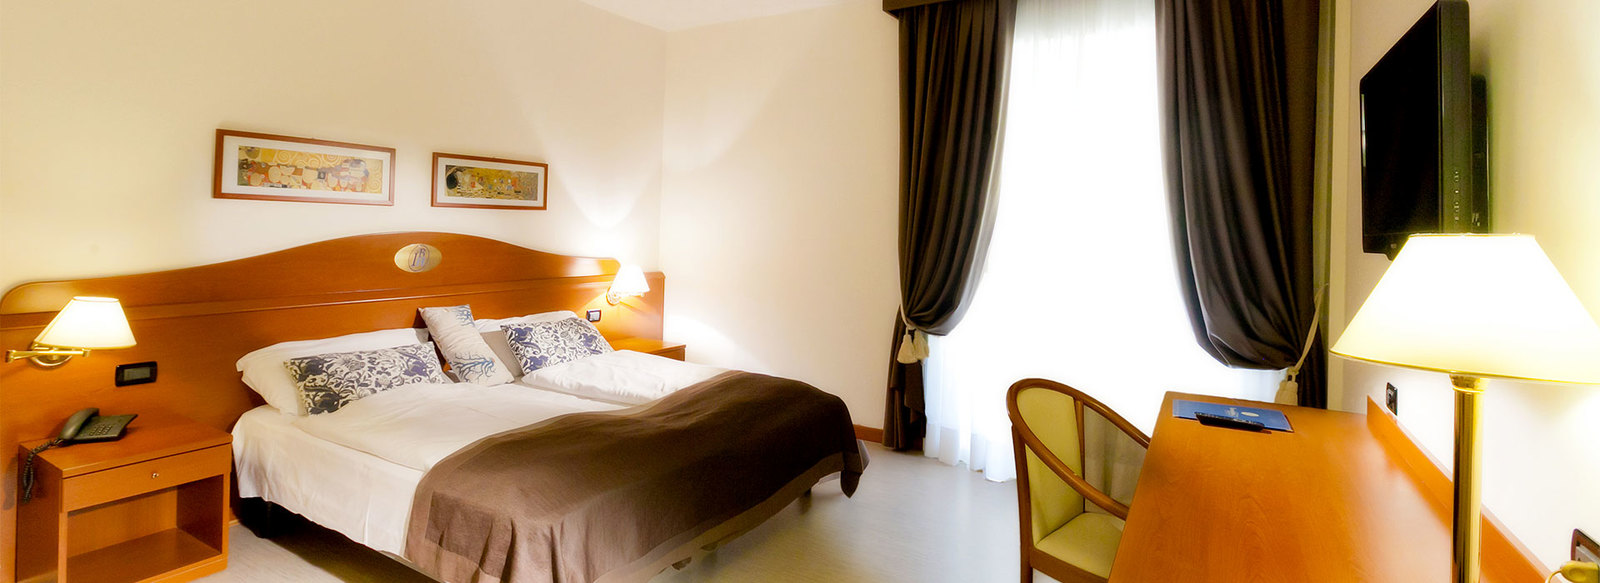 Elegante Hotel 3*S in centro a Caorle, a 50 metri dal mare